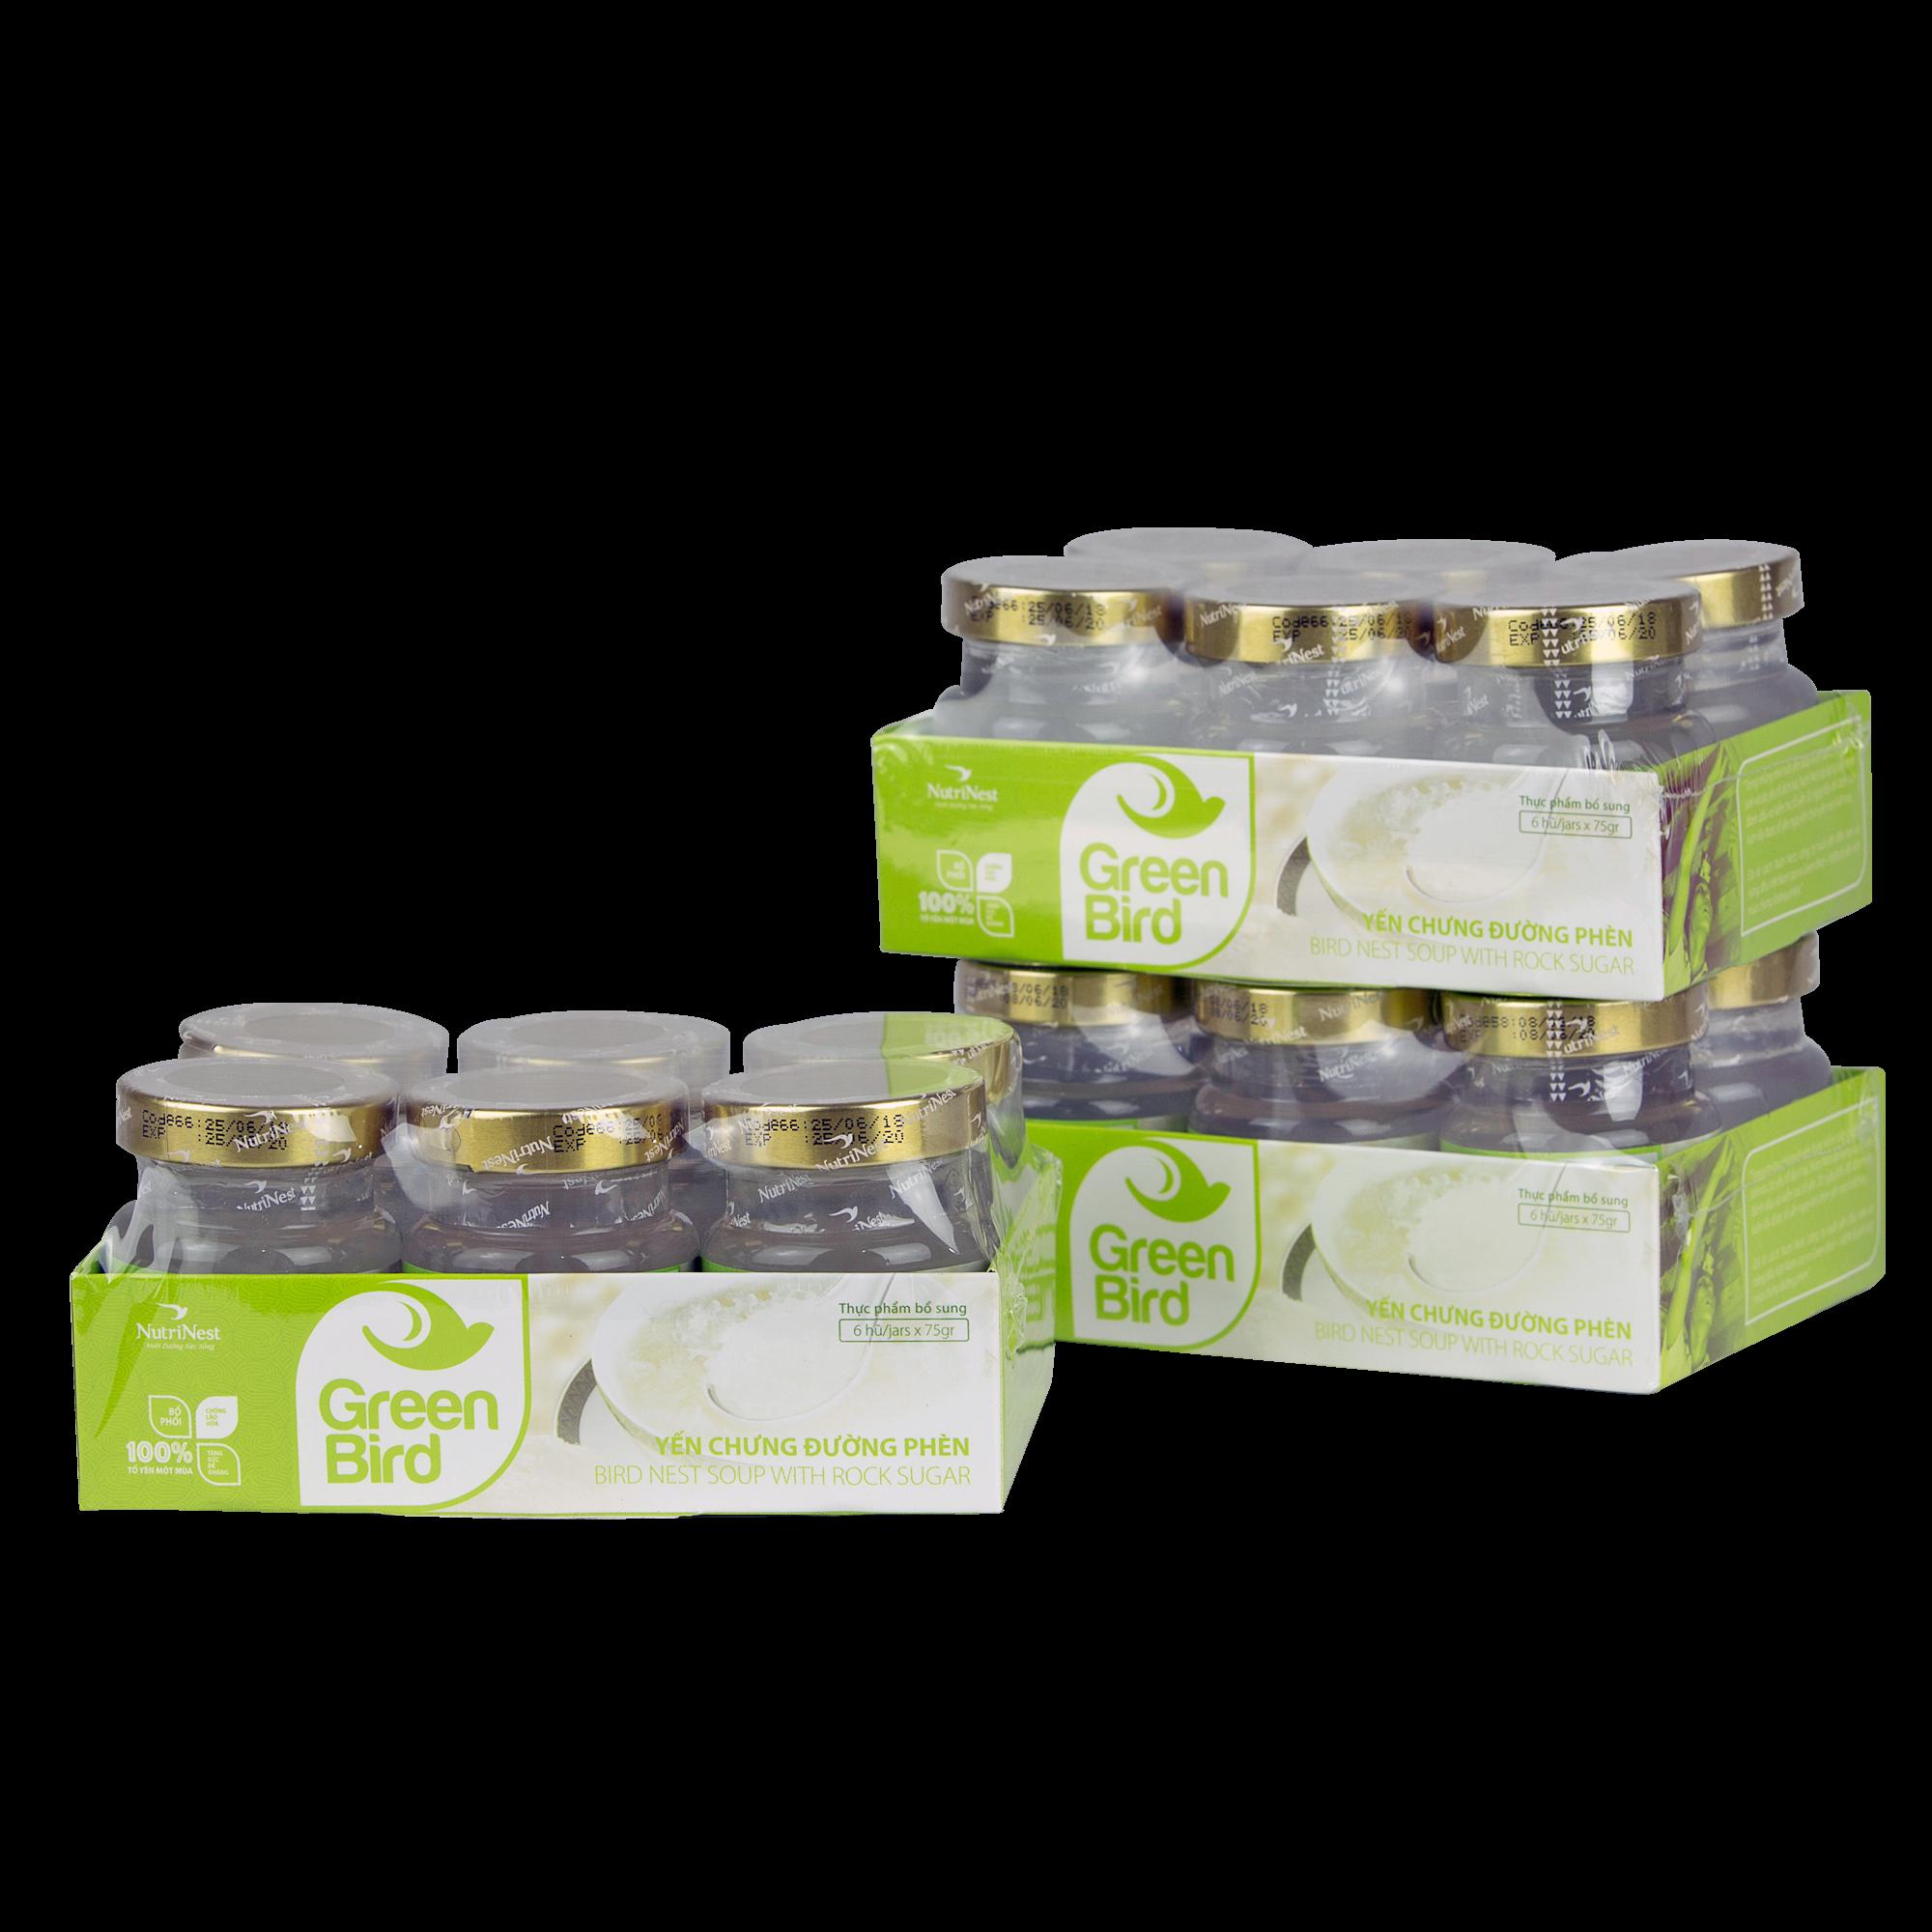 绿鸟-燕窝炖冰糖水 (6罐x72克垫架 )